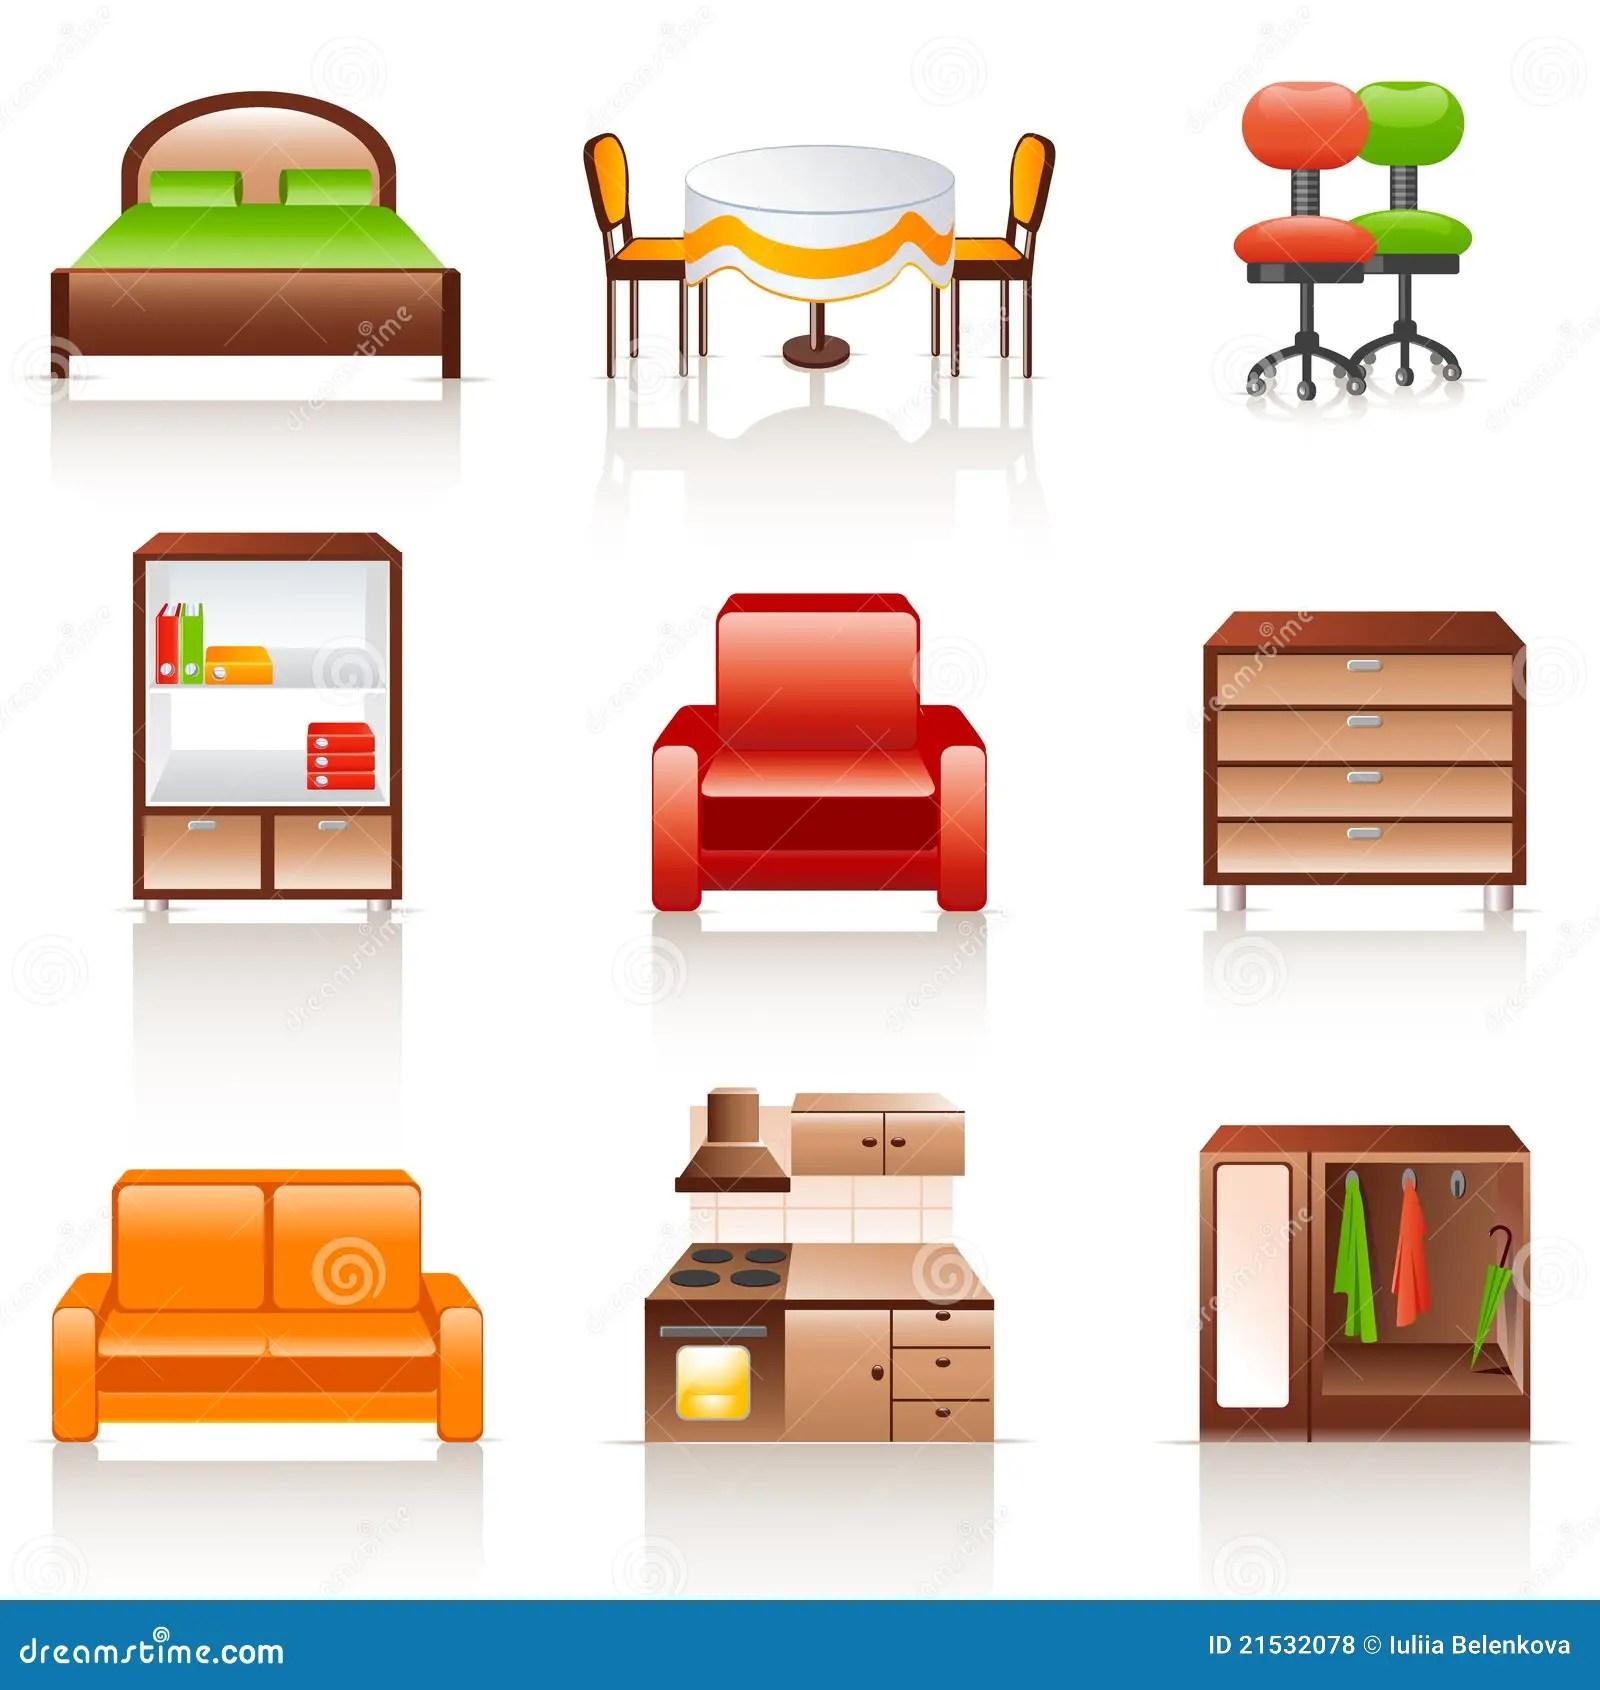 kitchen benches how to design a remodel 家具图标向量例证 插画包括有方便 书架 碗柜 高雅 机柜 厨房 长椅 家具图标